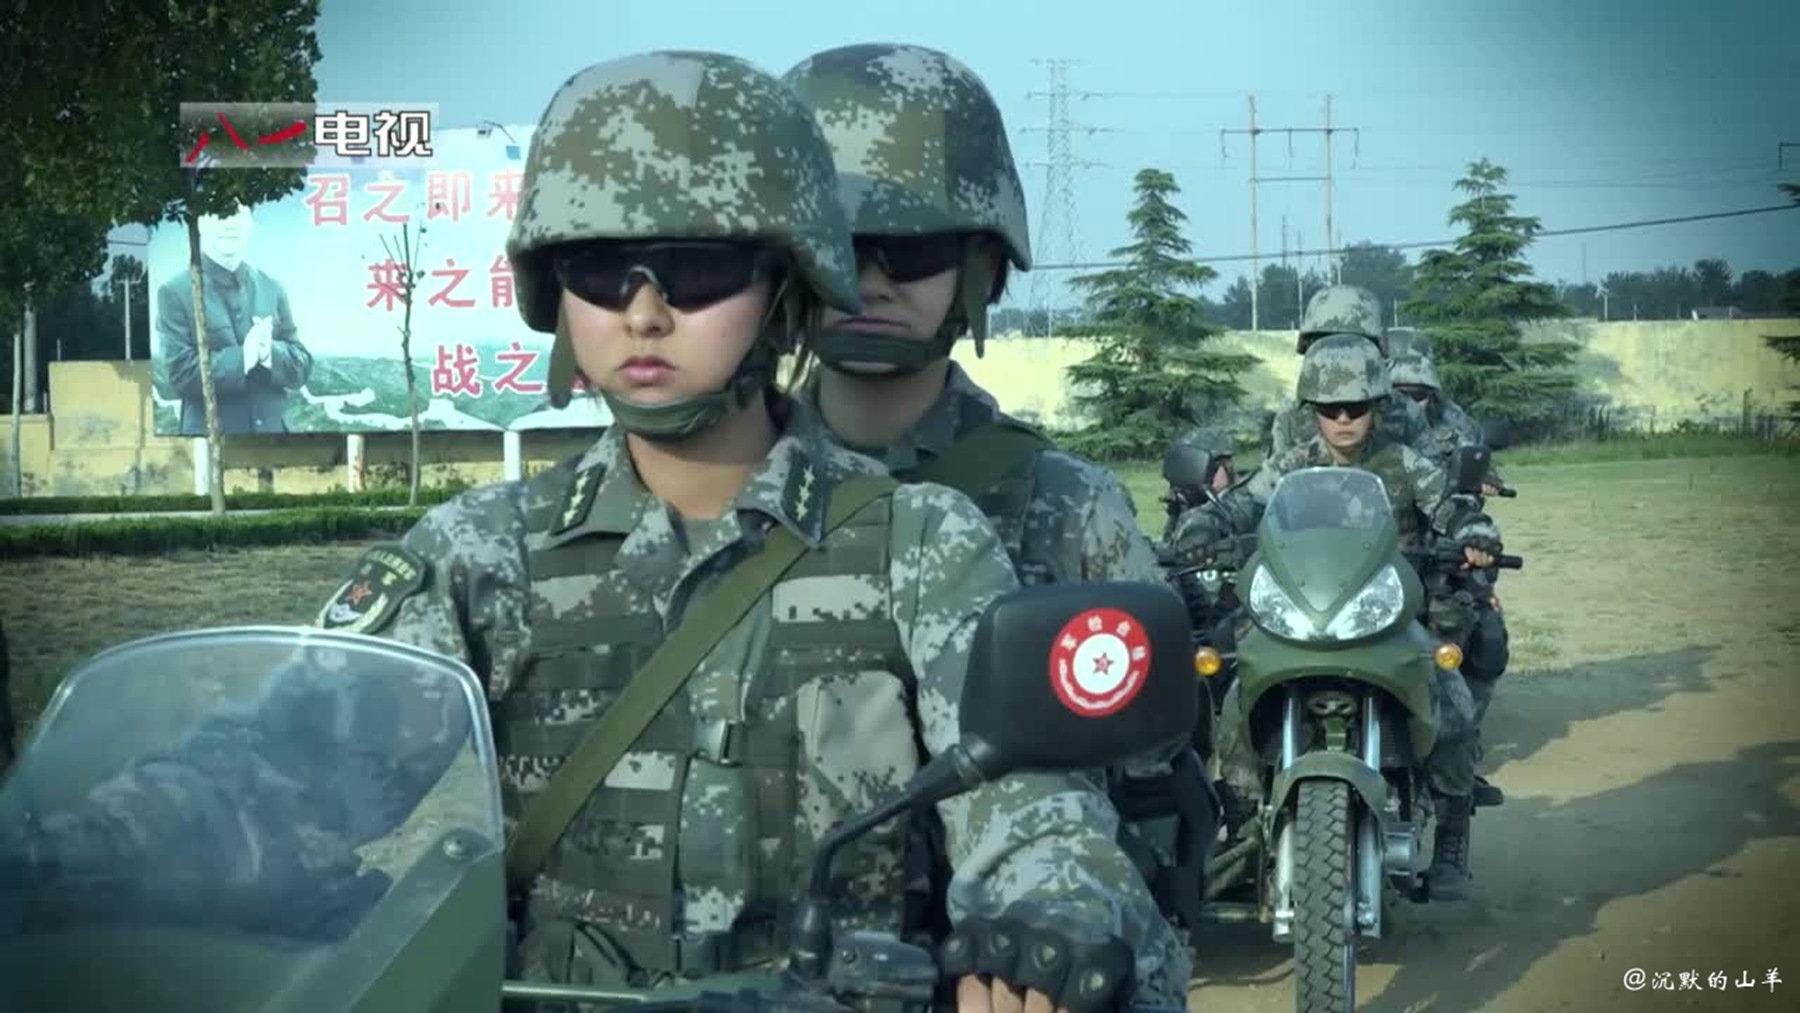 开嘉陵军用摩托车的女兵。PS:摩托车也刷号了。